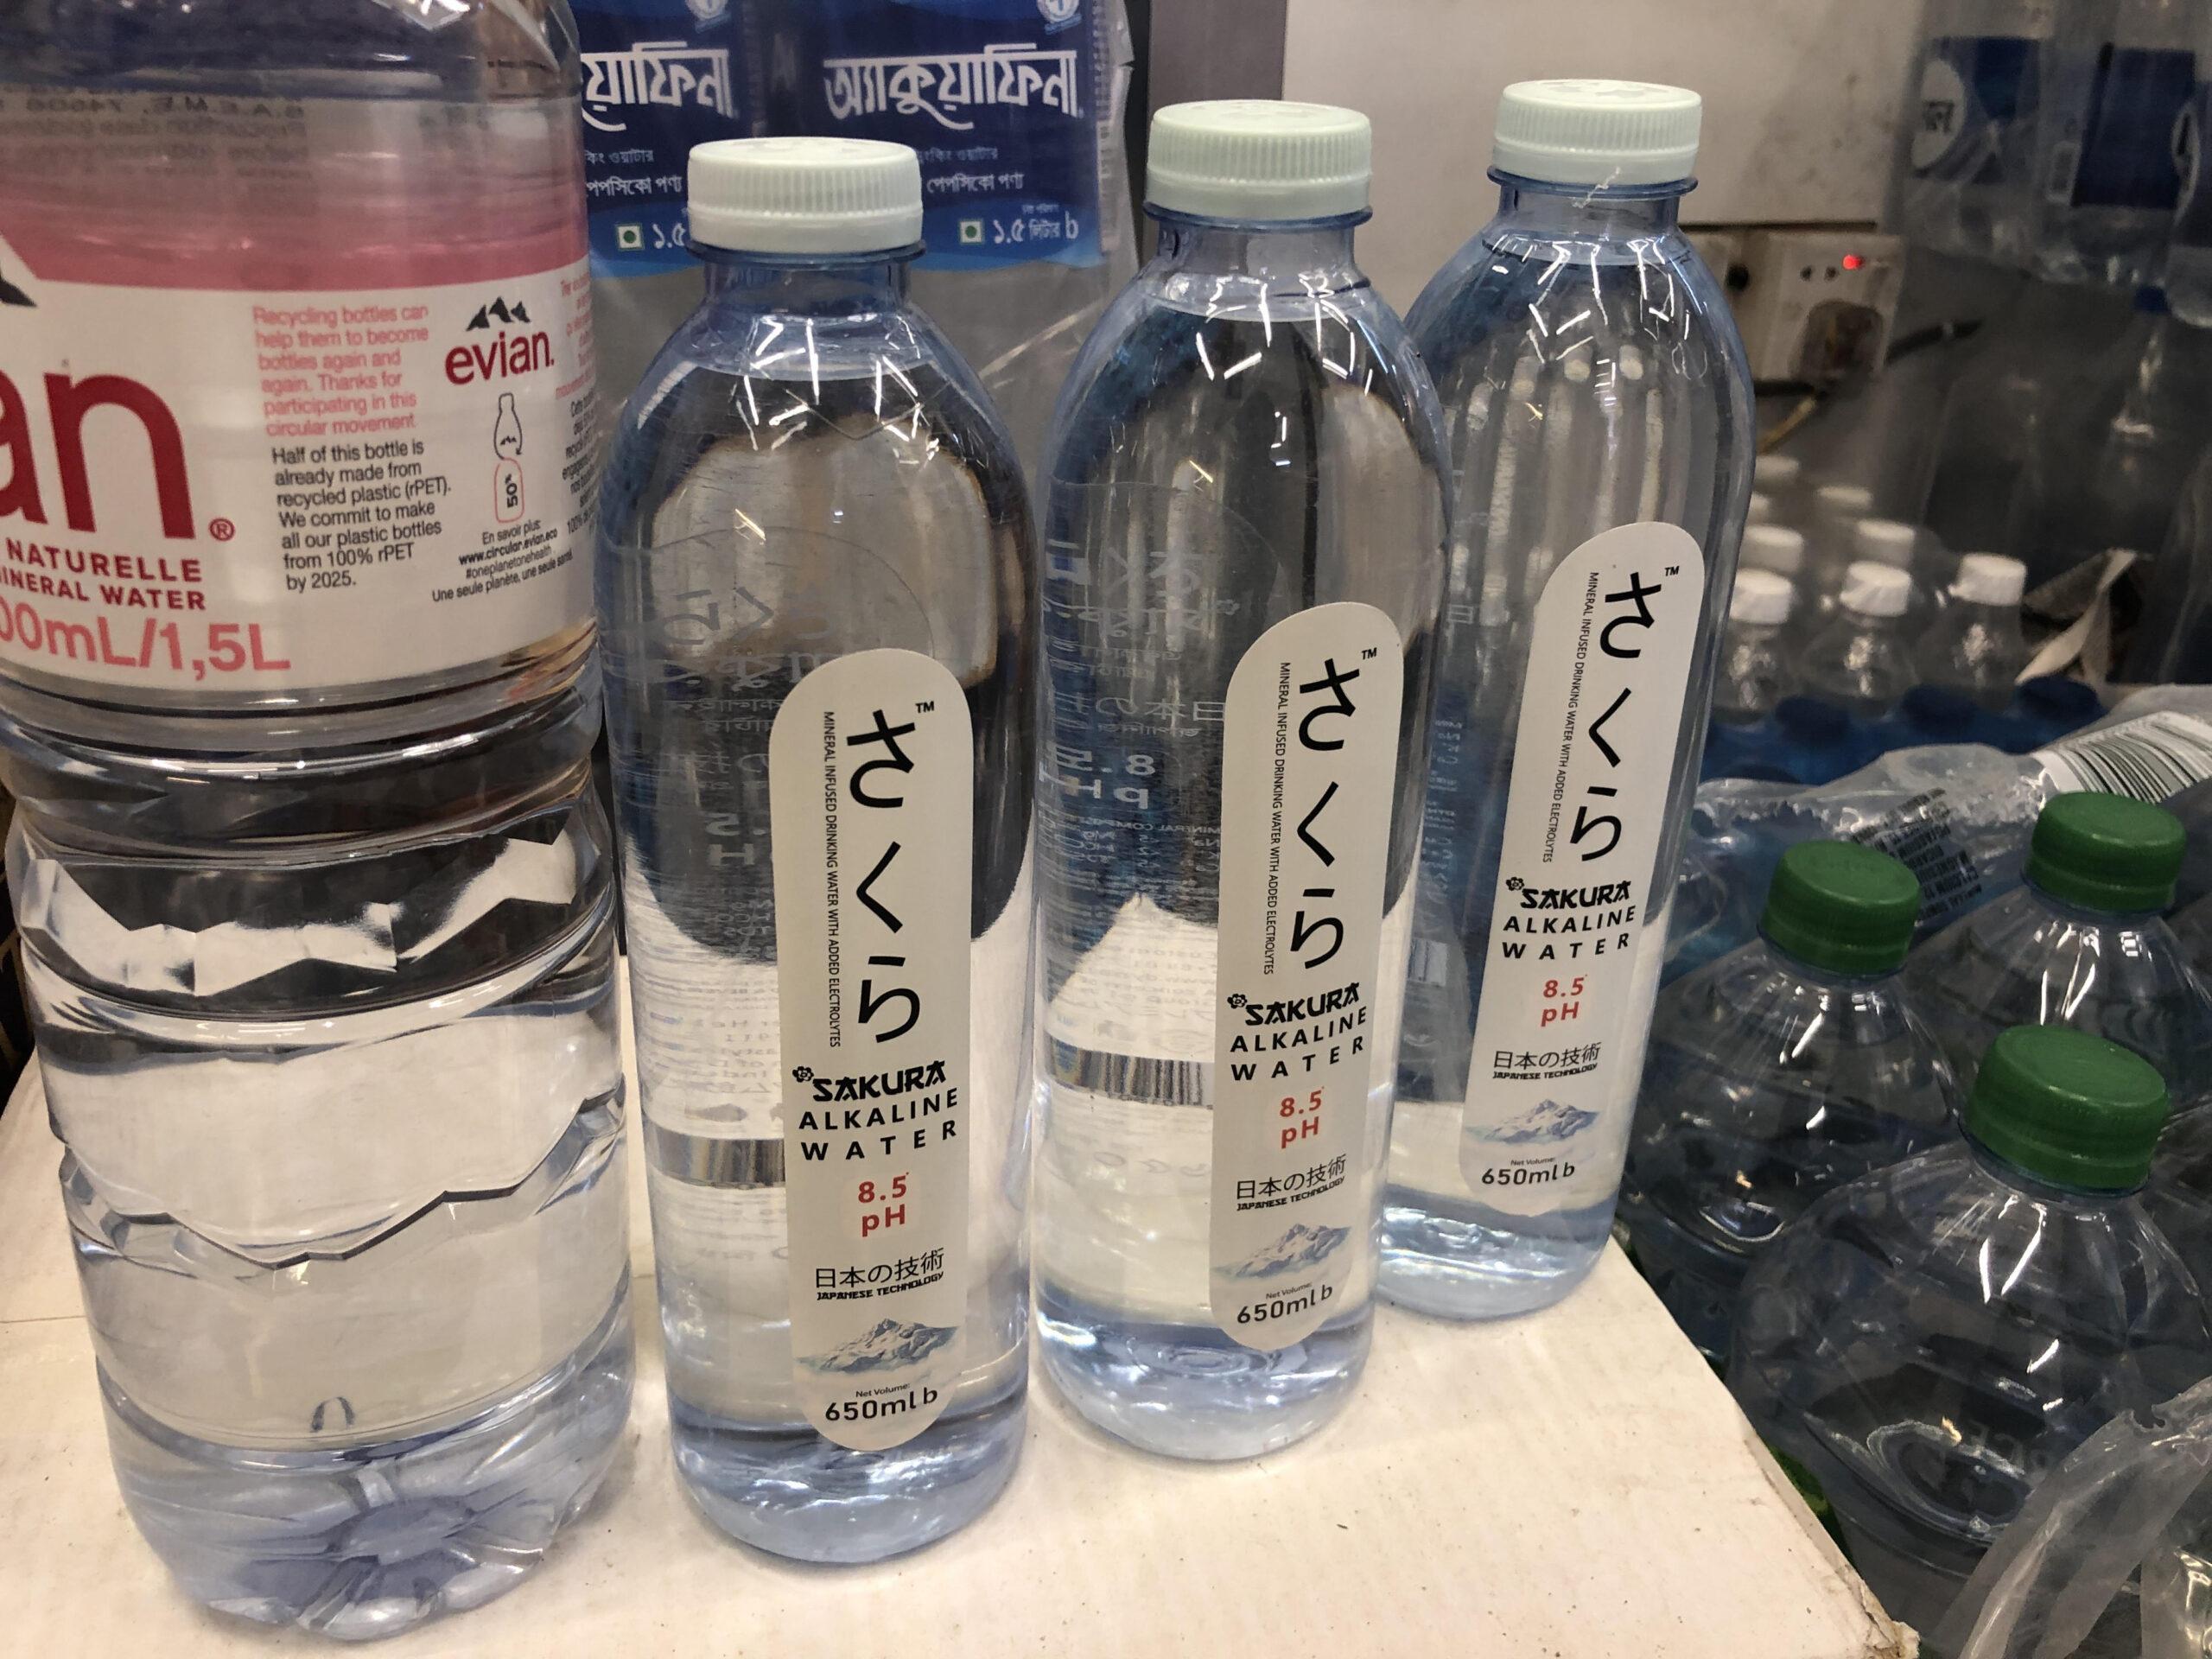 「日本の技術でつくられているらしいアルカリ水」Sakura Alkaline Water